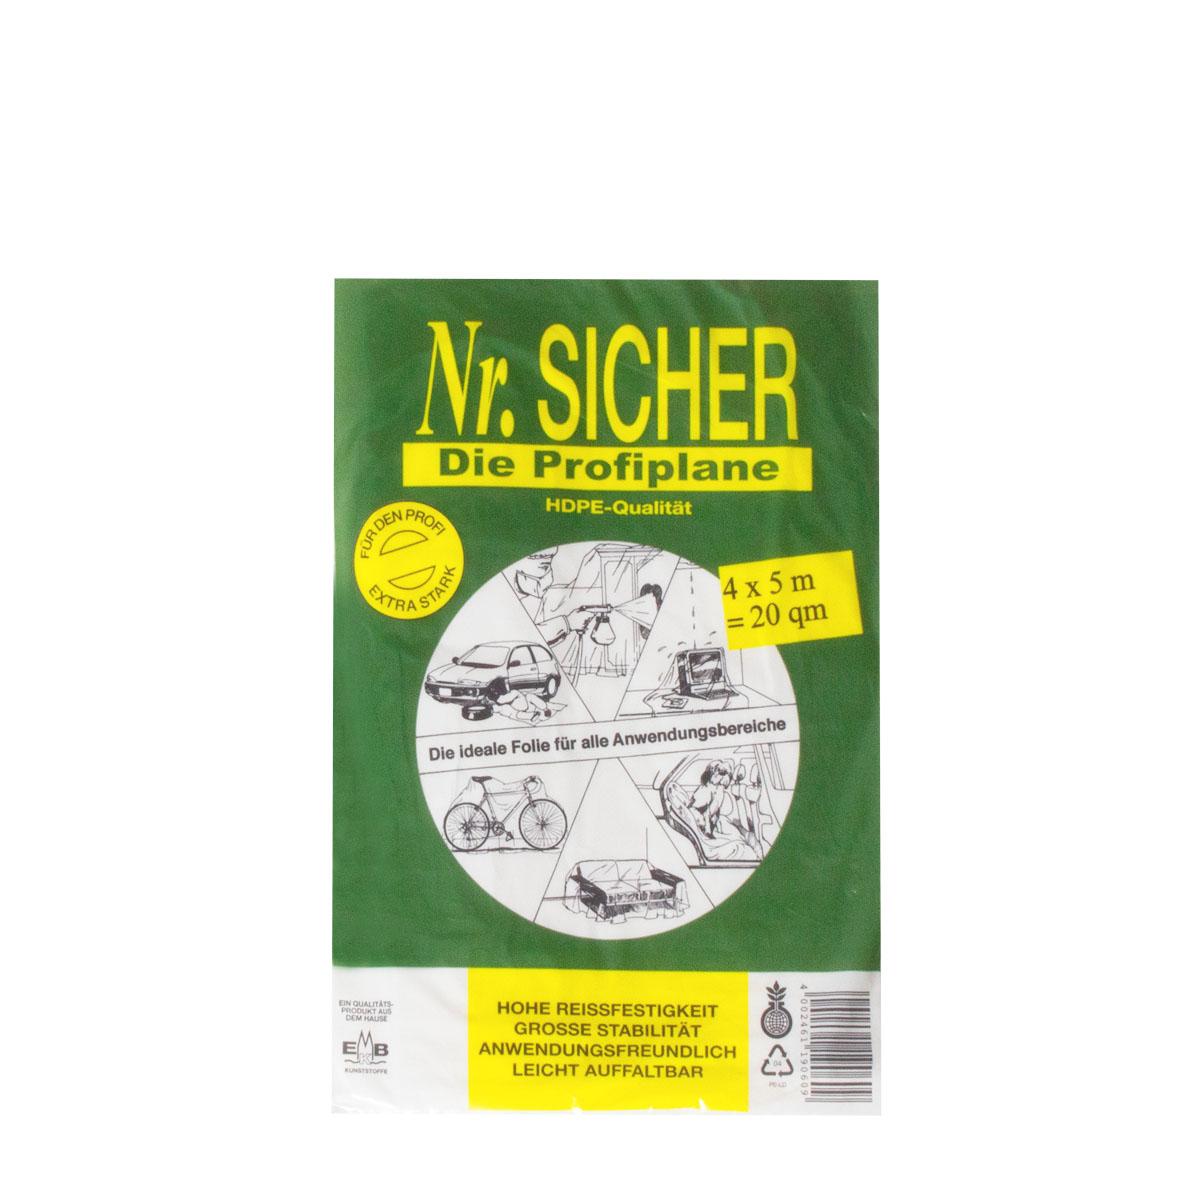 Abdeckfolie, Abdeckplane HDPE 12my ,NR Sicher, 4x5m (20qm) Profiplane(grün)